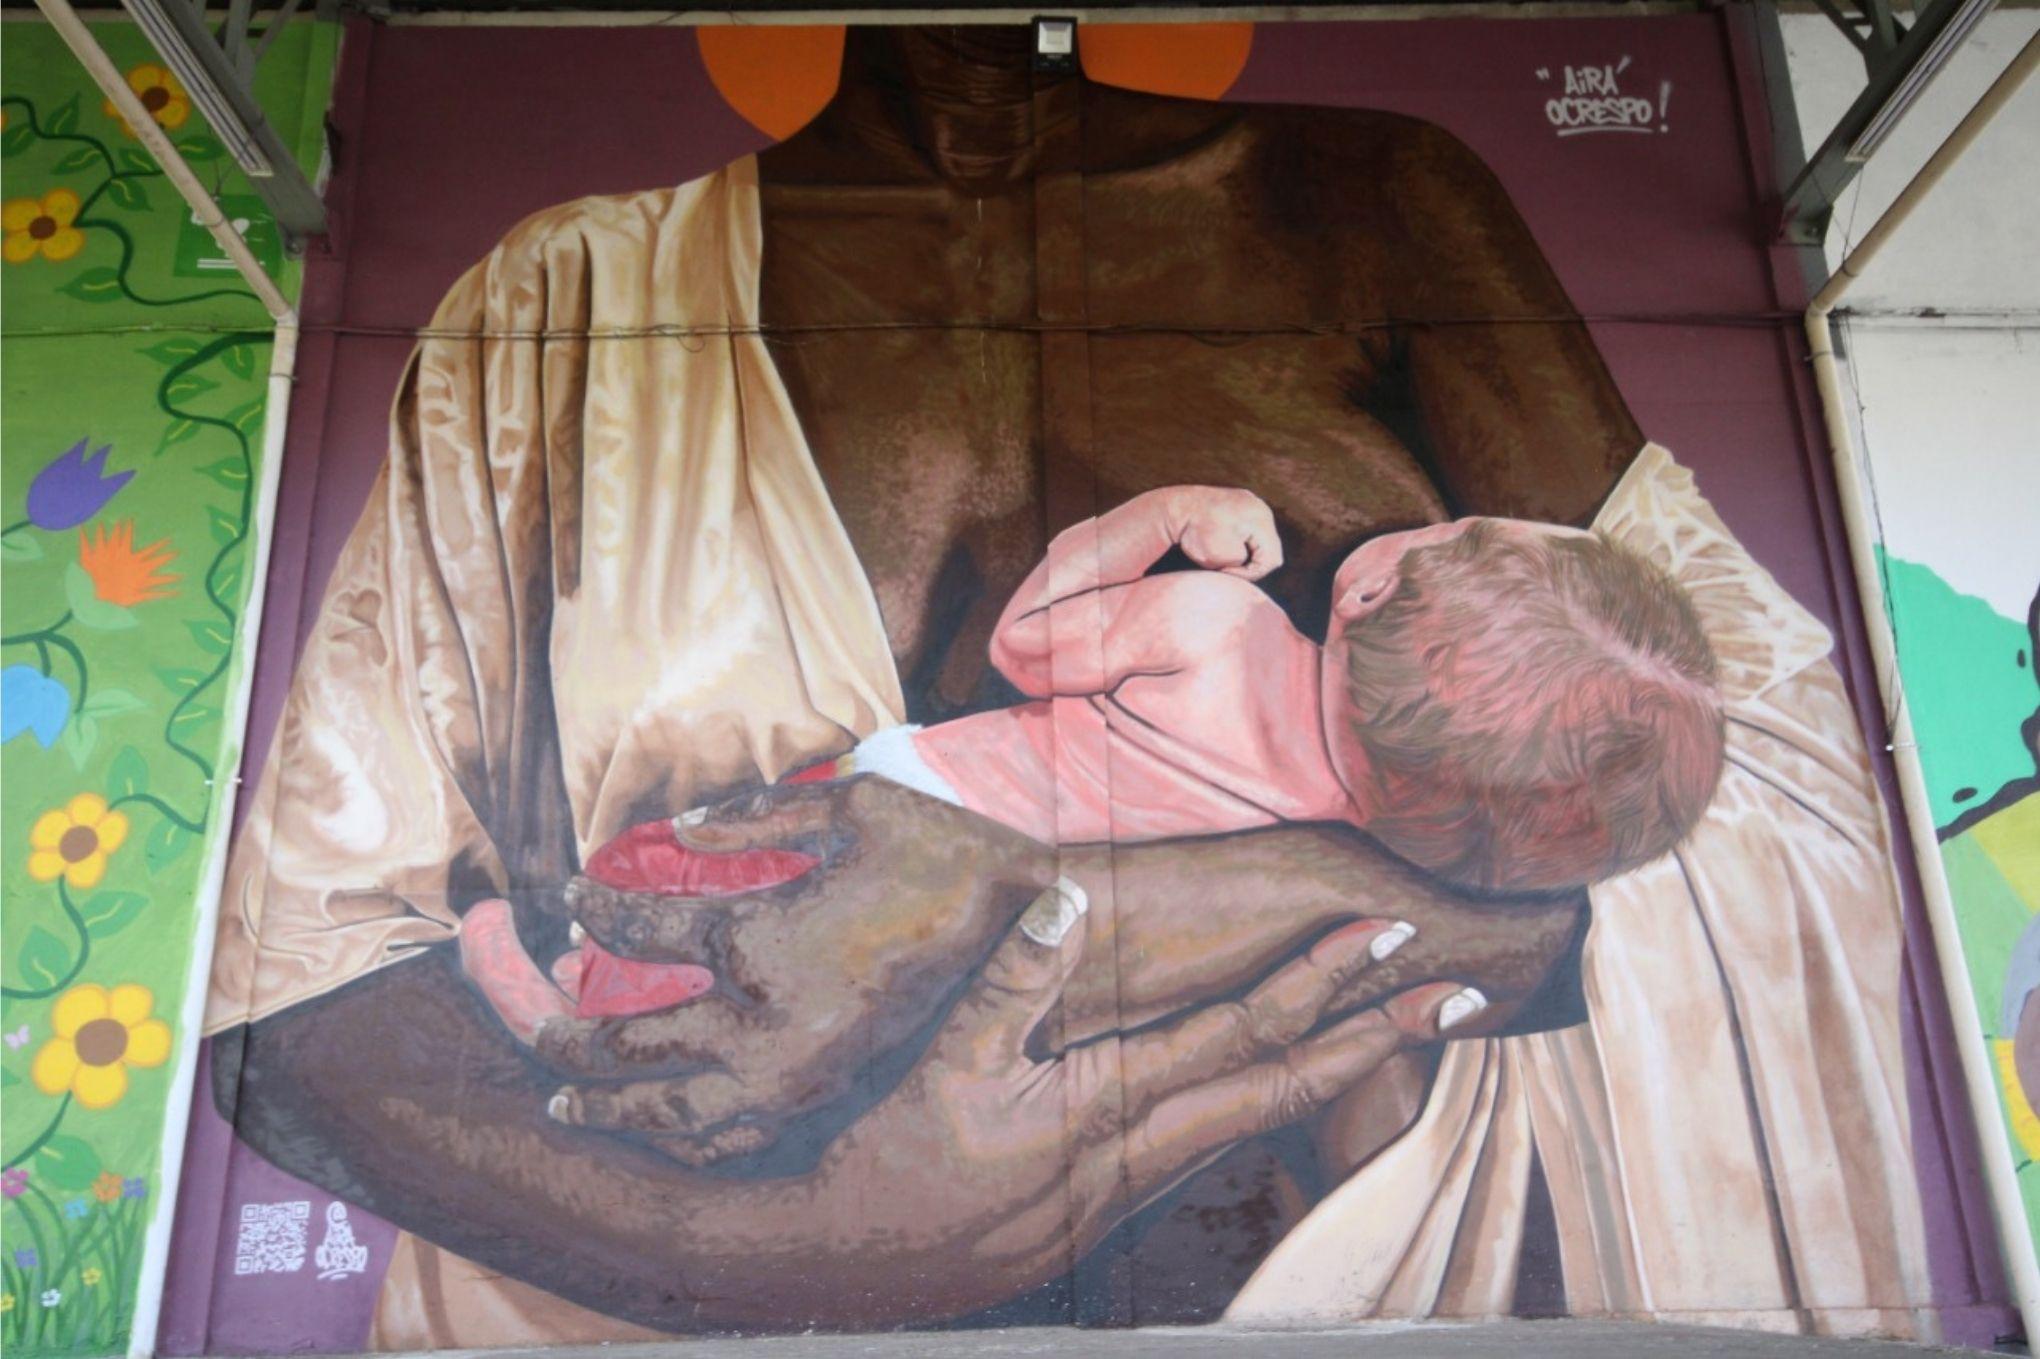 Obra em grafite retrata uma mulher negra amamentando um bebê branco.